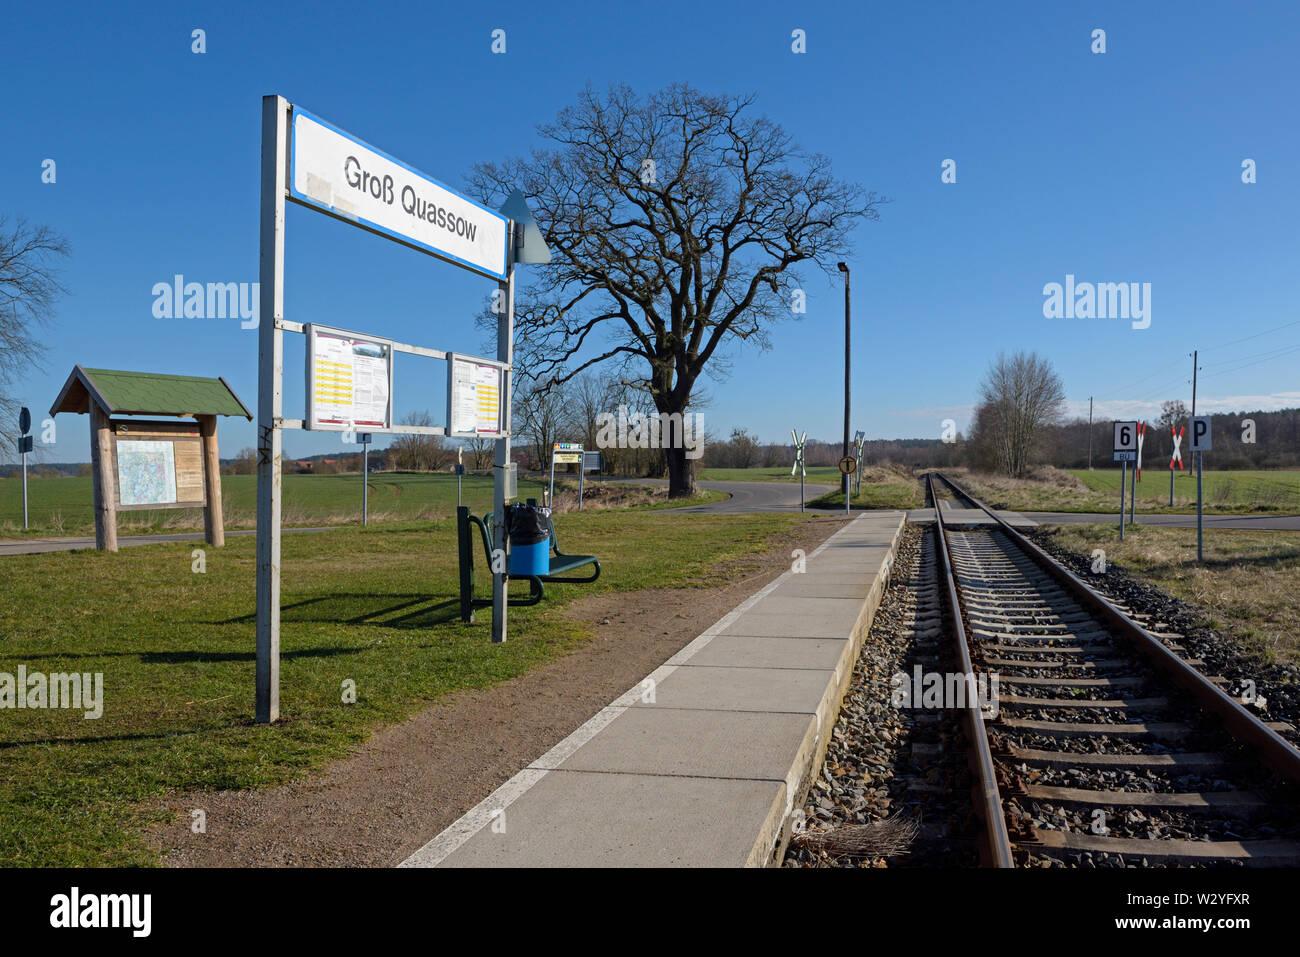 Kleiner Bahnhof, April, Gross Quassow, Mecklenburg-Vorpommern, Deutschland Stockfoto